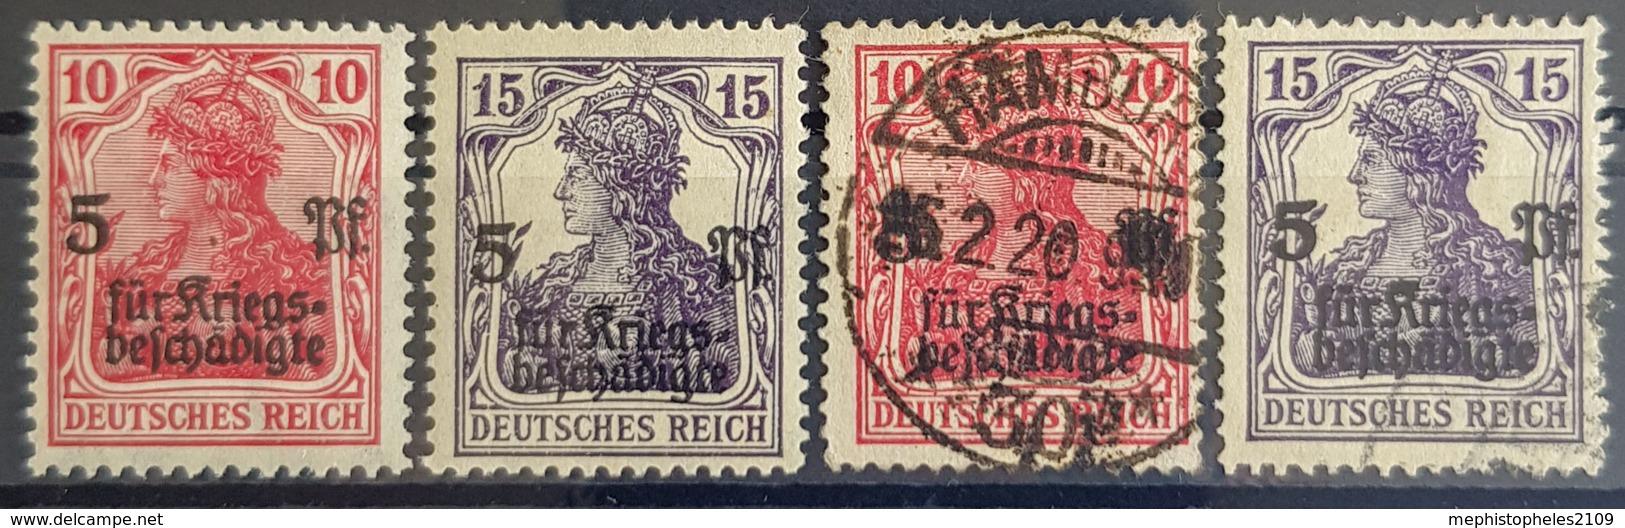 DEUTSCHES REICH - MNH/canceled - Mi 105, 106 (mint And Canceled) - Germania - Deutschland